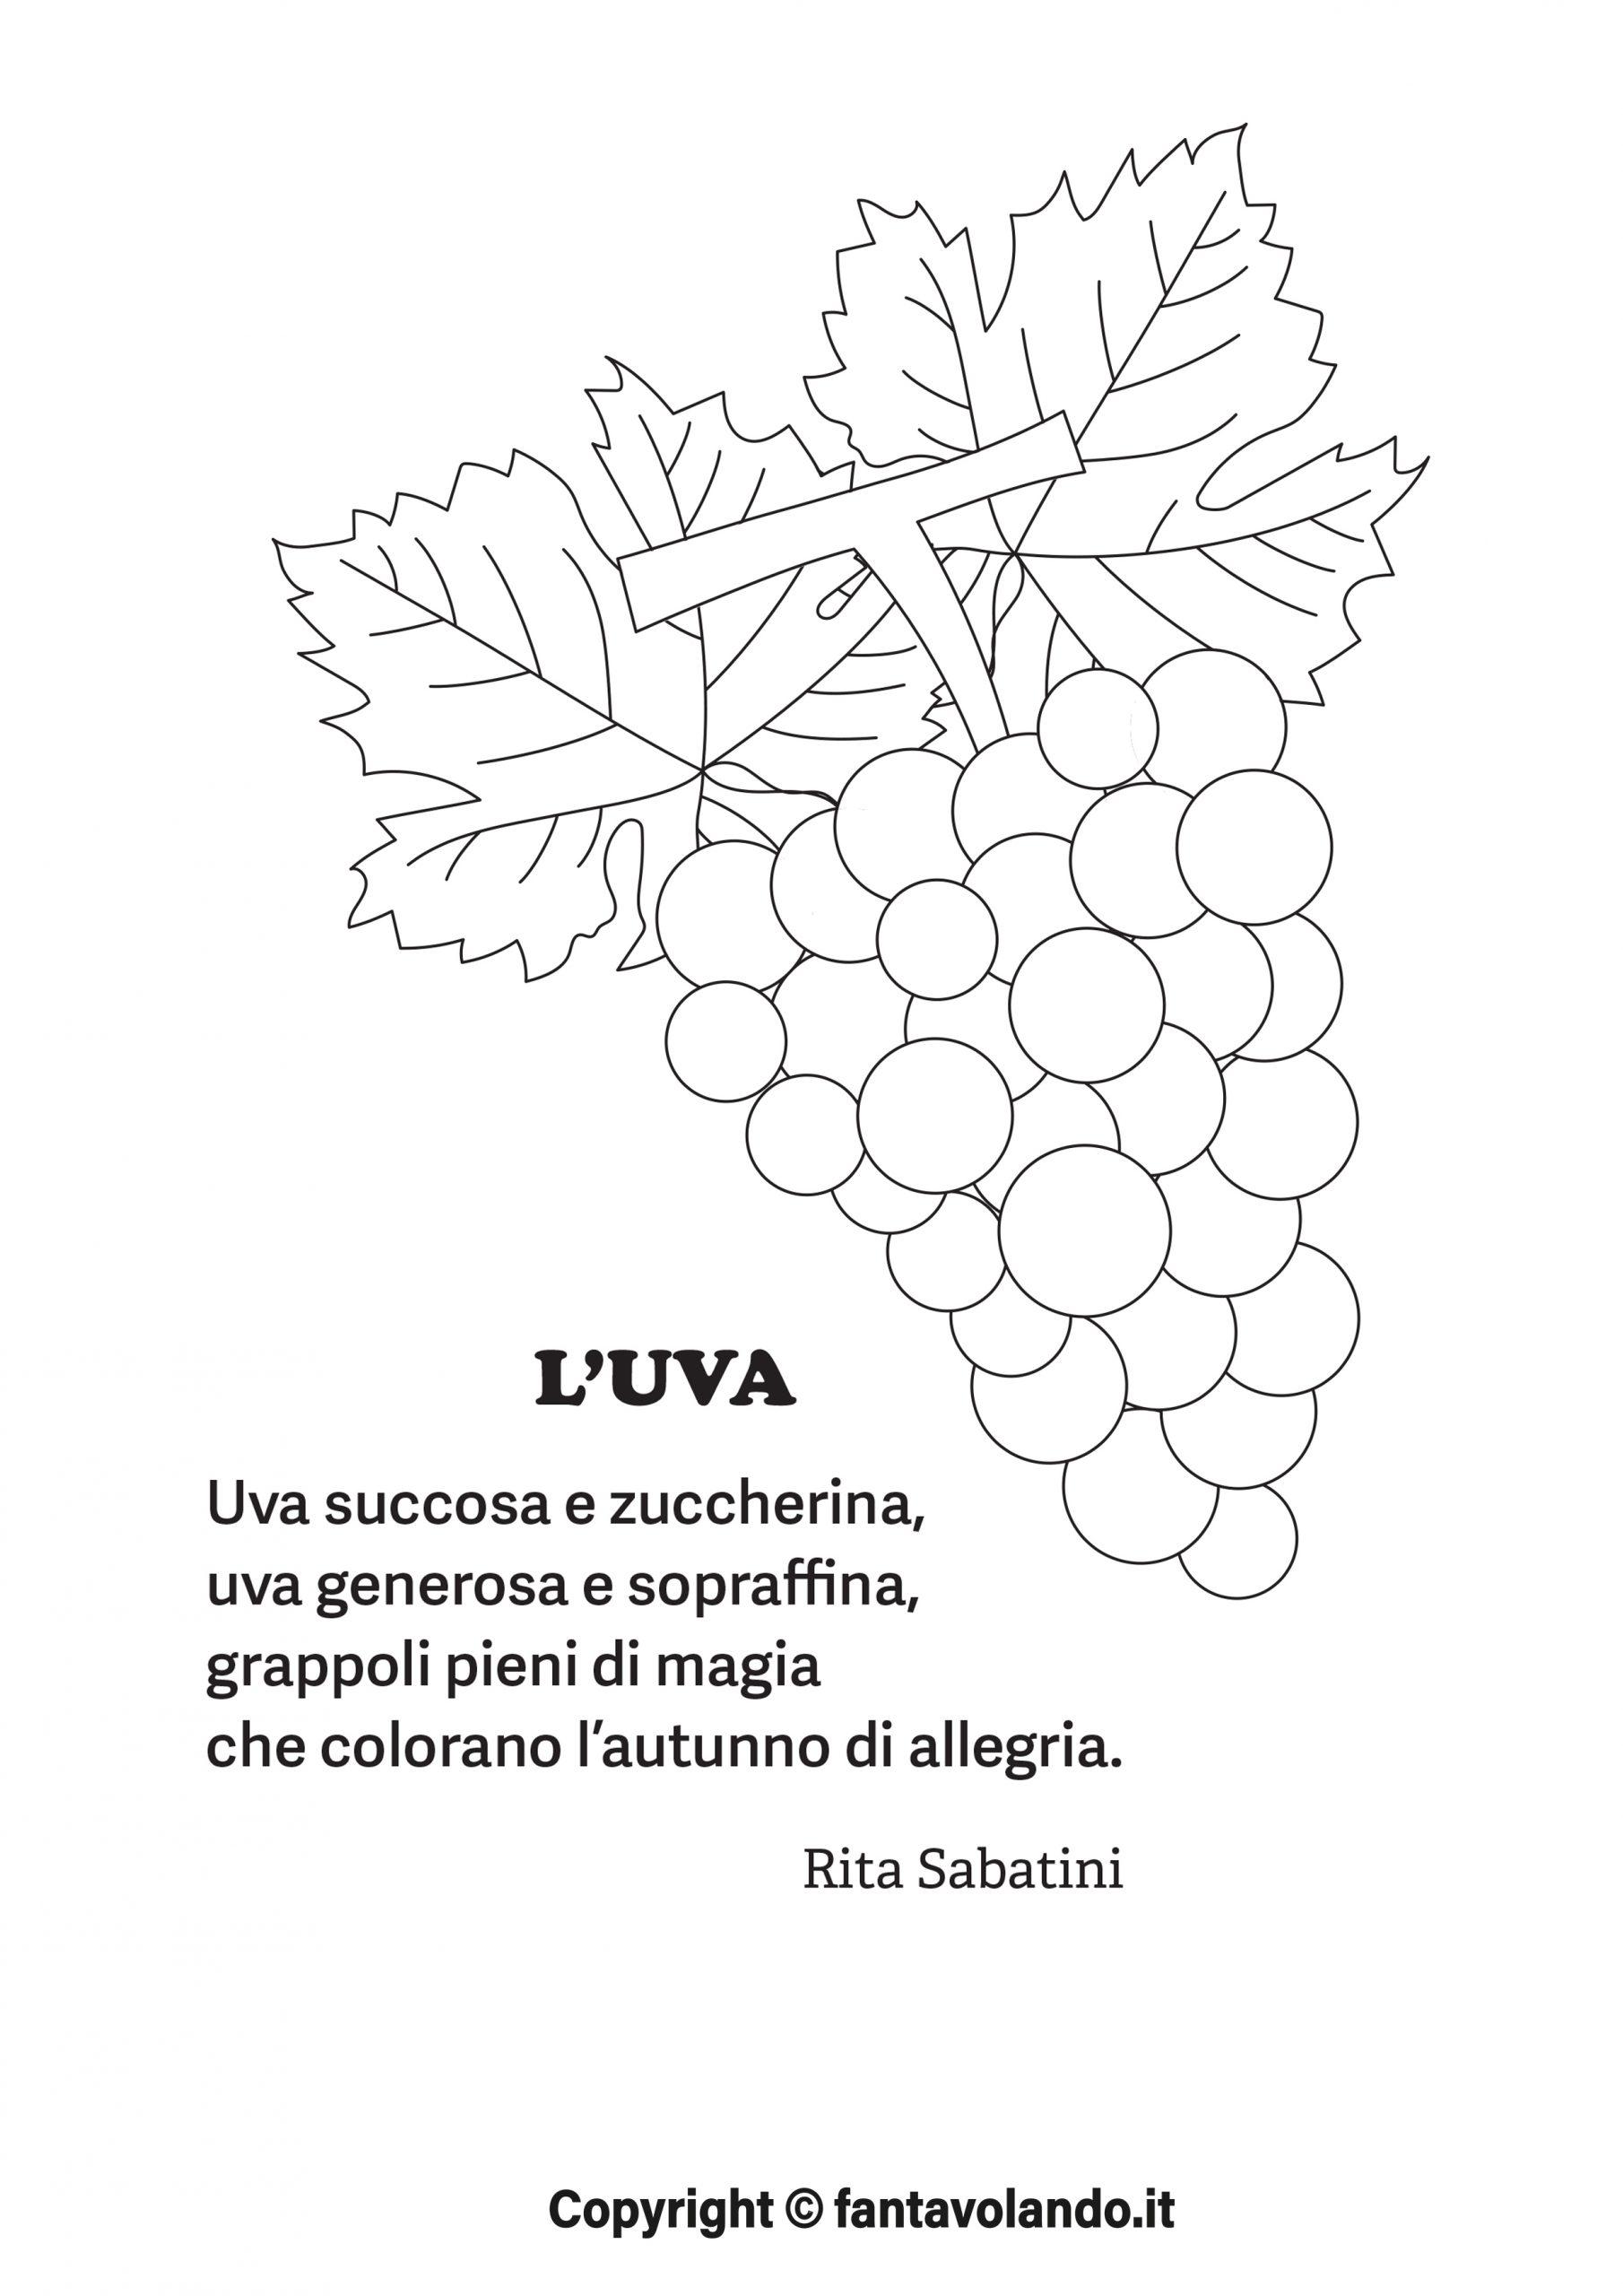 Eccezionale Autunno: scopriamo l'uva (schede e poesia) - Fantavolando NO33